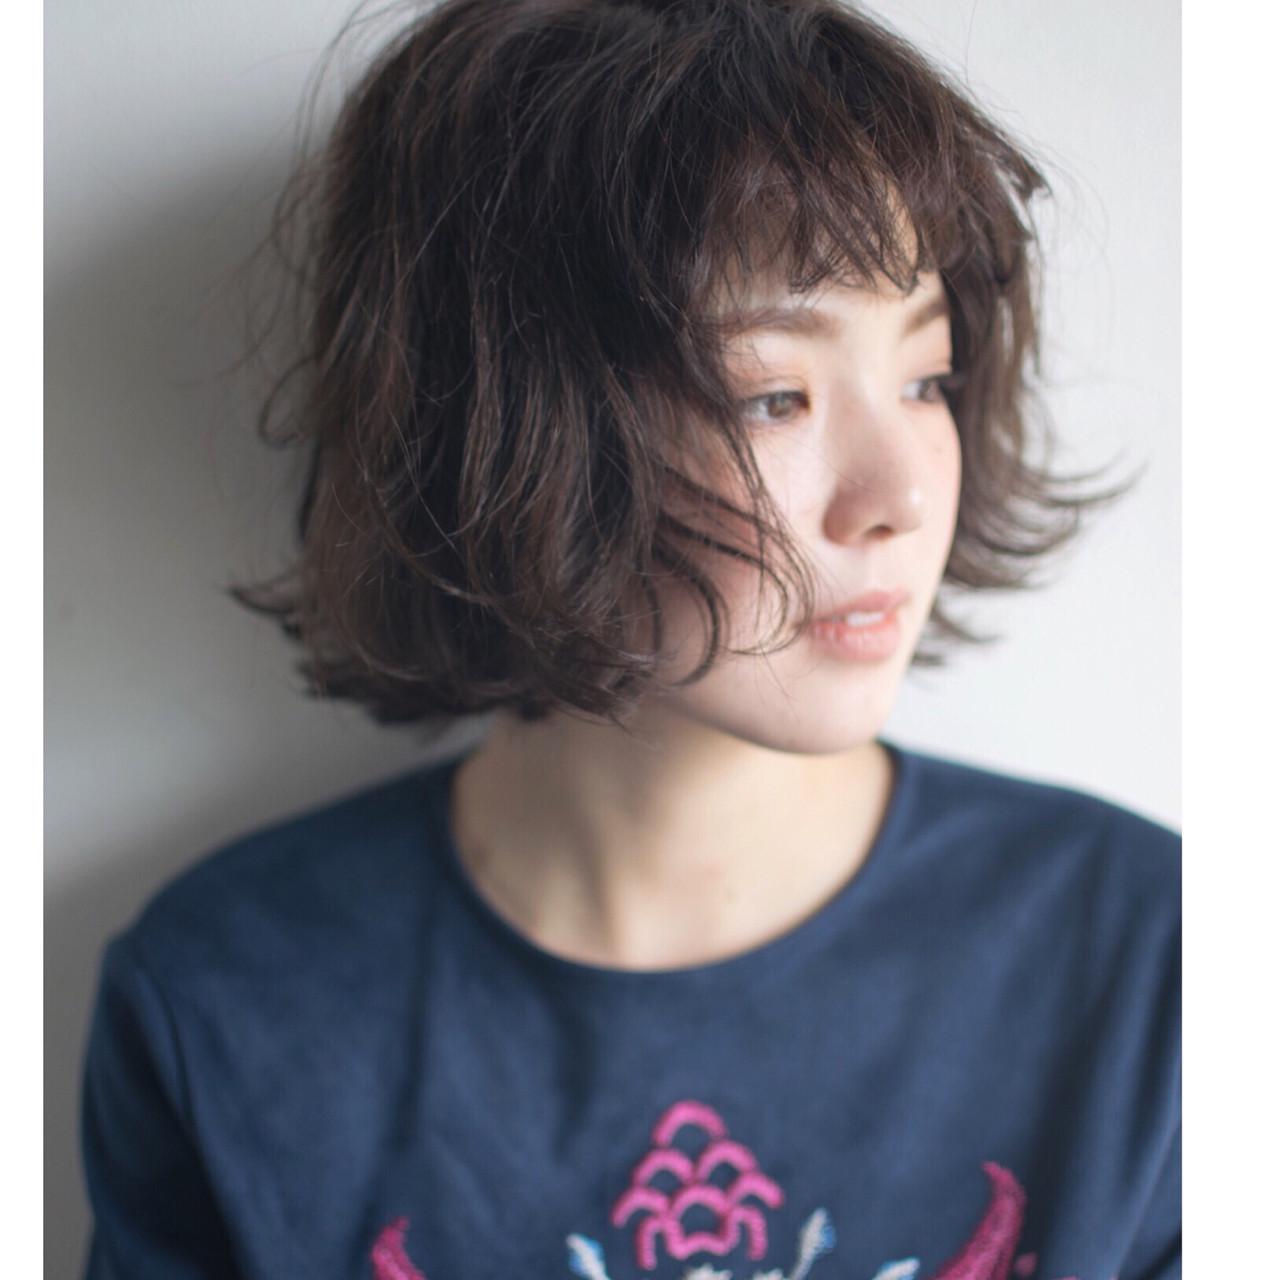 モード ゆるふわ ボブ パーマ ヘアスタイルや髪型の写真・画像